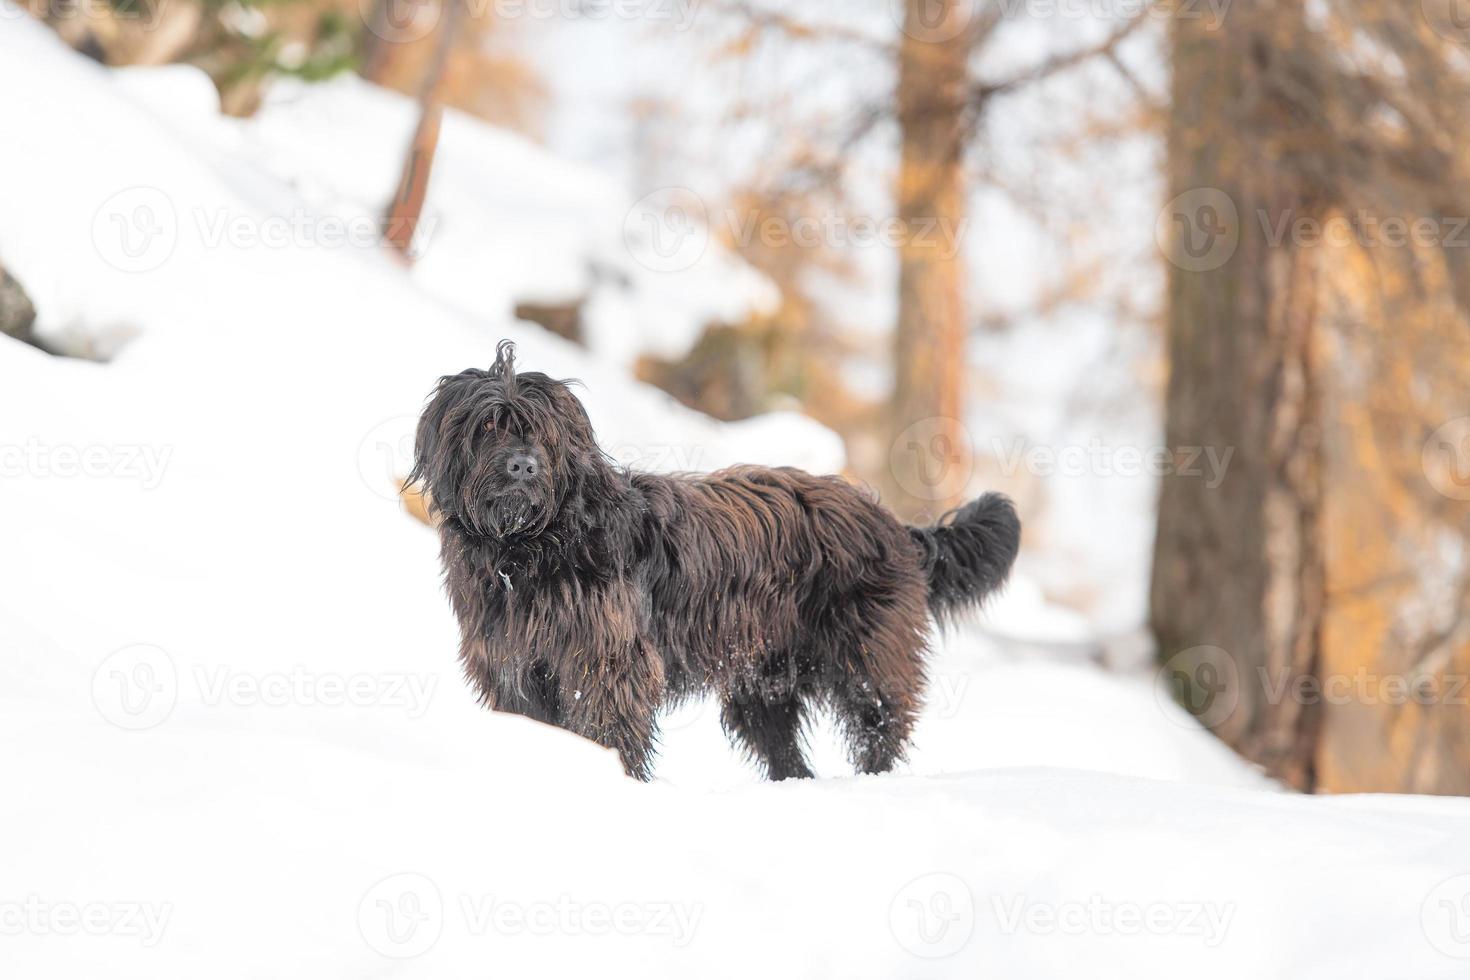 cane da pastore nella neve in un bosco foto